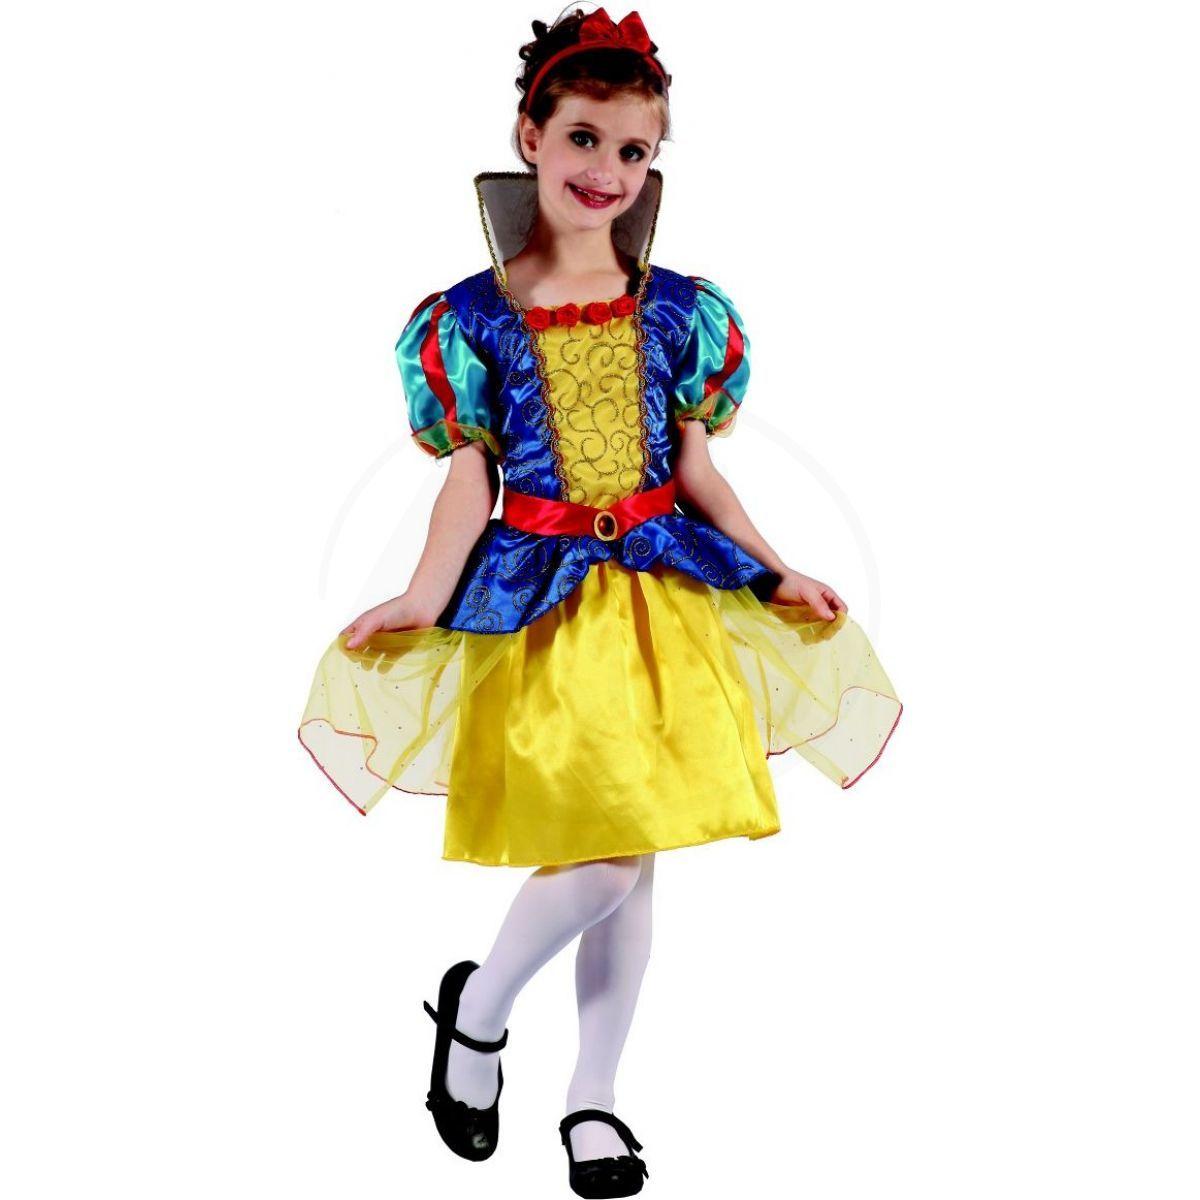 Made Dětský karnevalový kostým princezna M 120-130 cm ddd5d6ab736